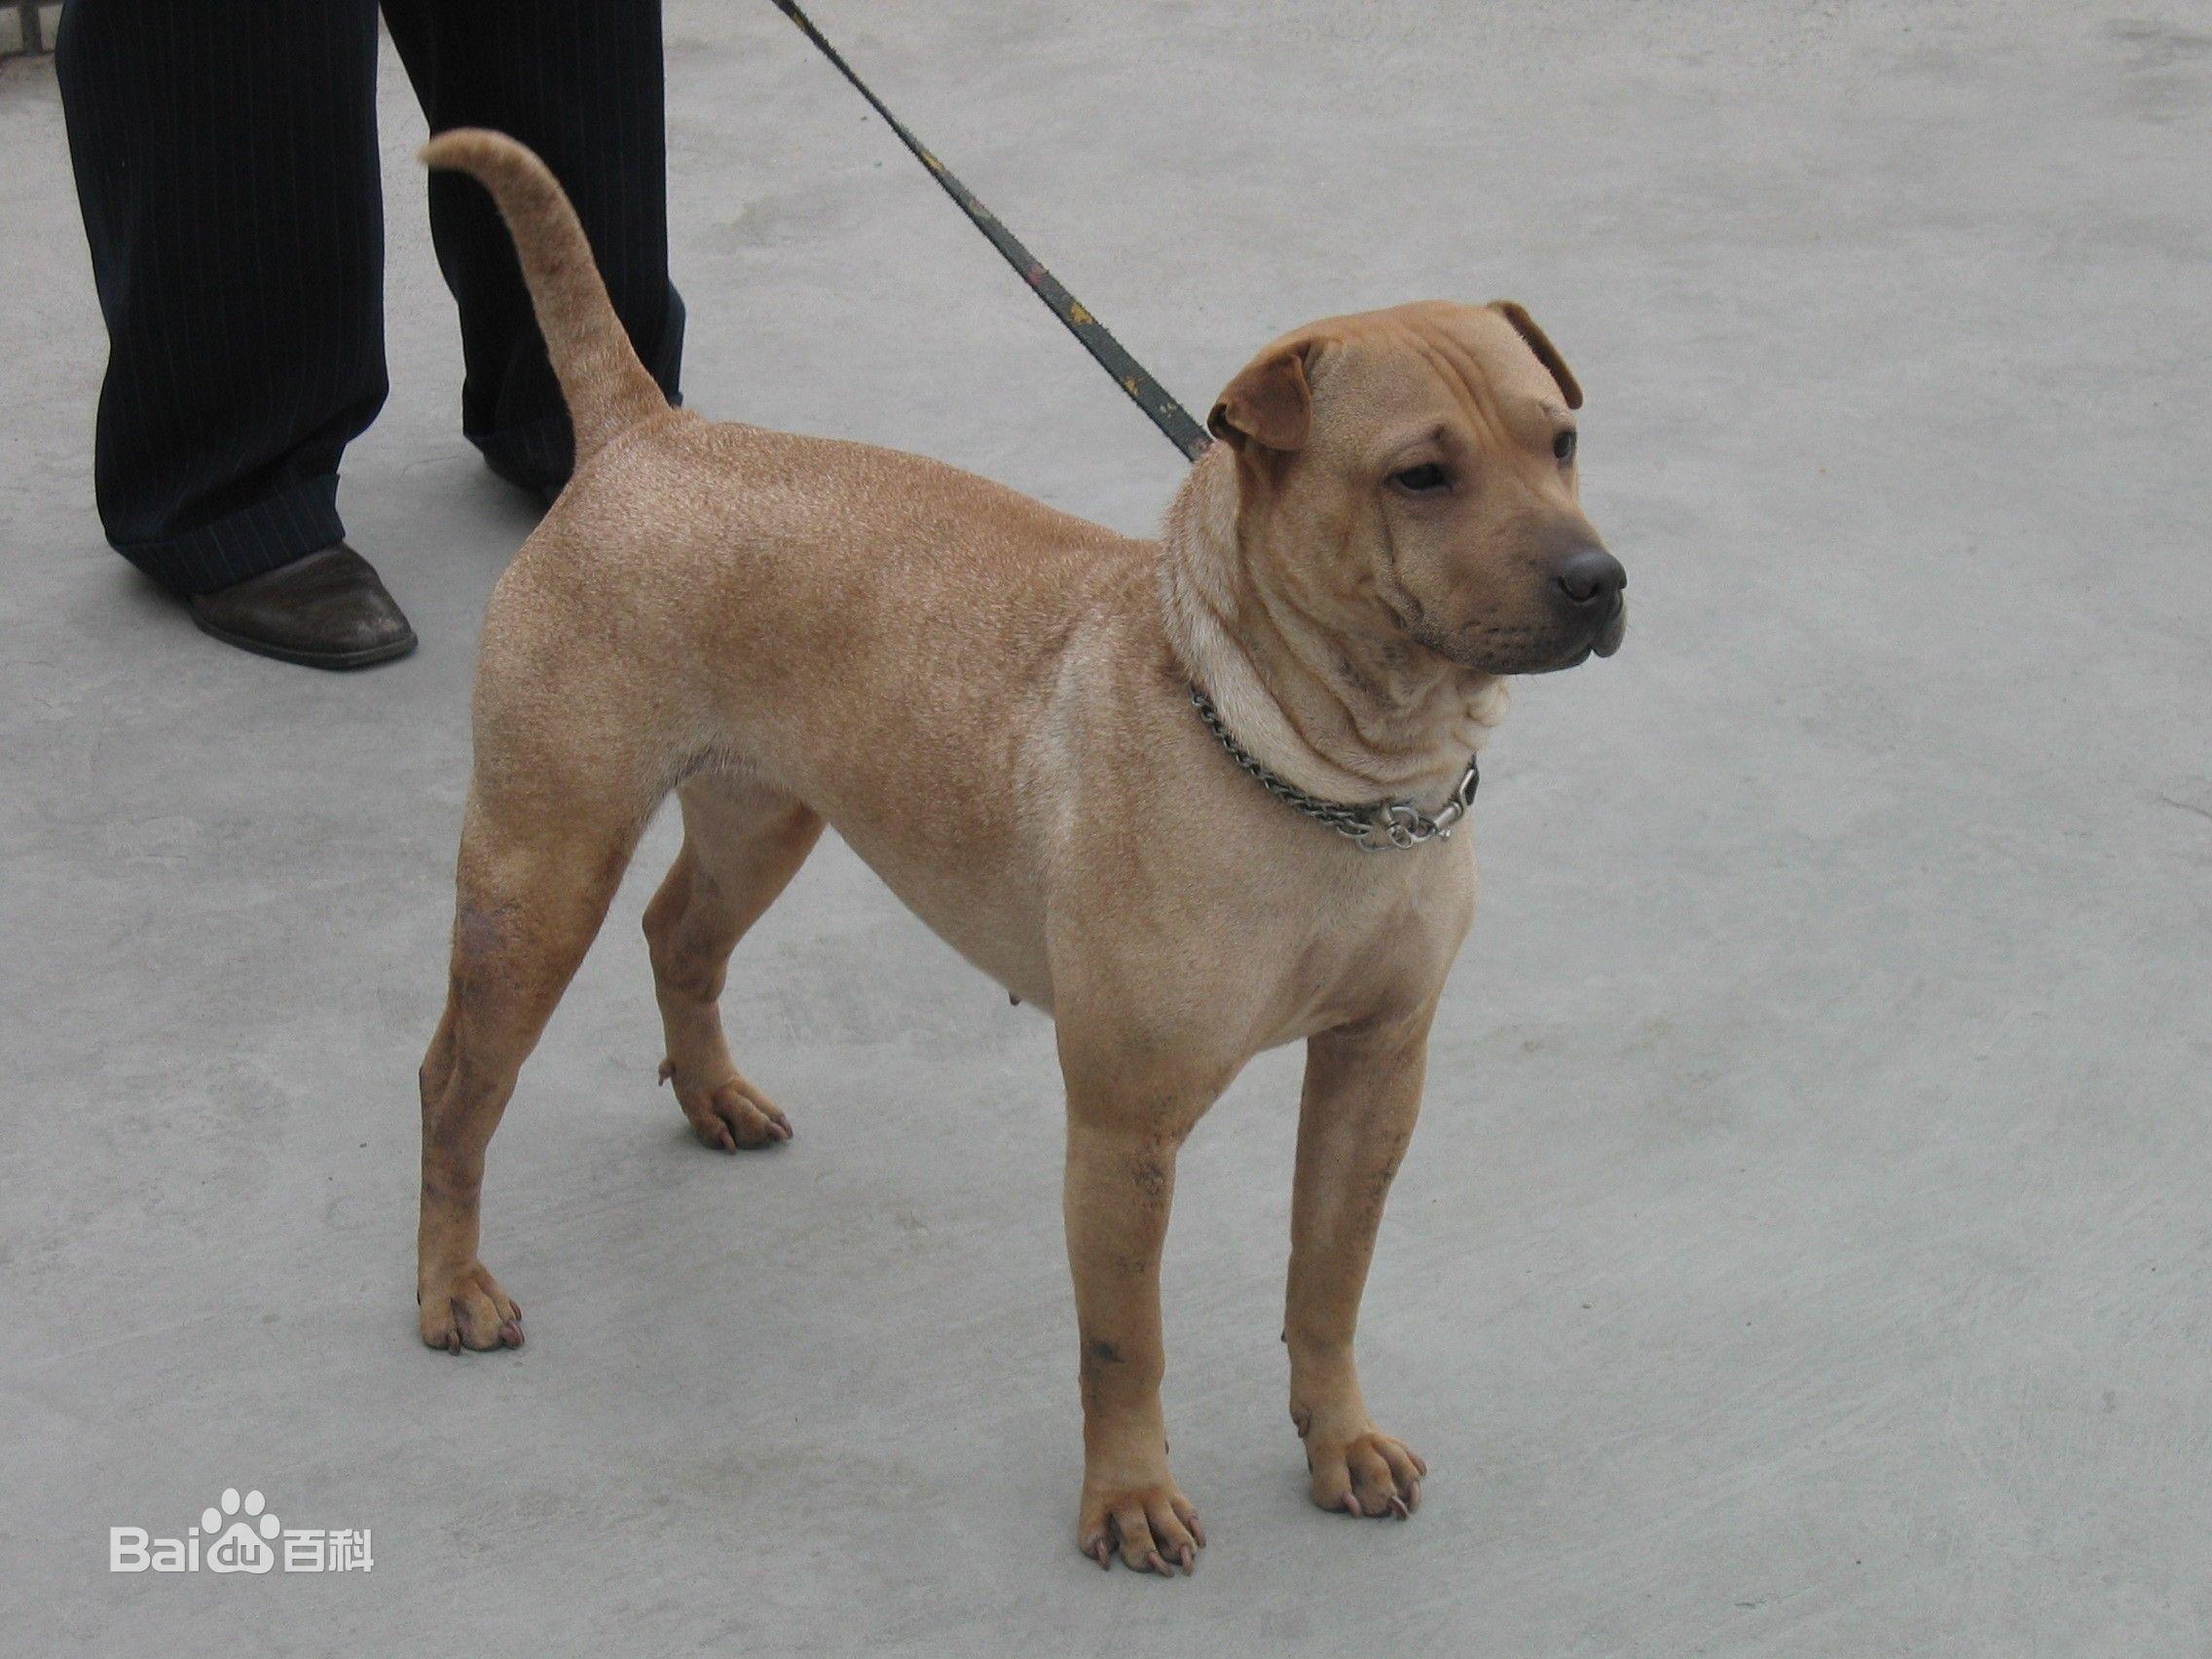 沙皮狗能看家吗_谁能看出这只狗狗是什么品种?是大型犬吗??_百度知道